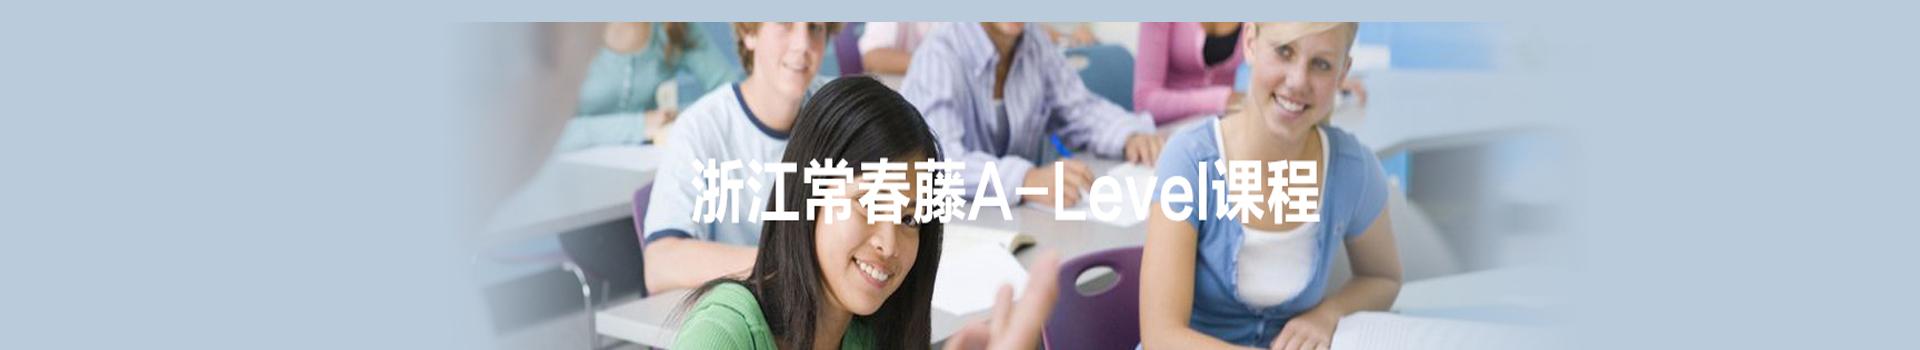 浙江常春藤国际学校